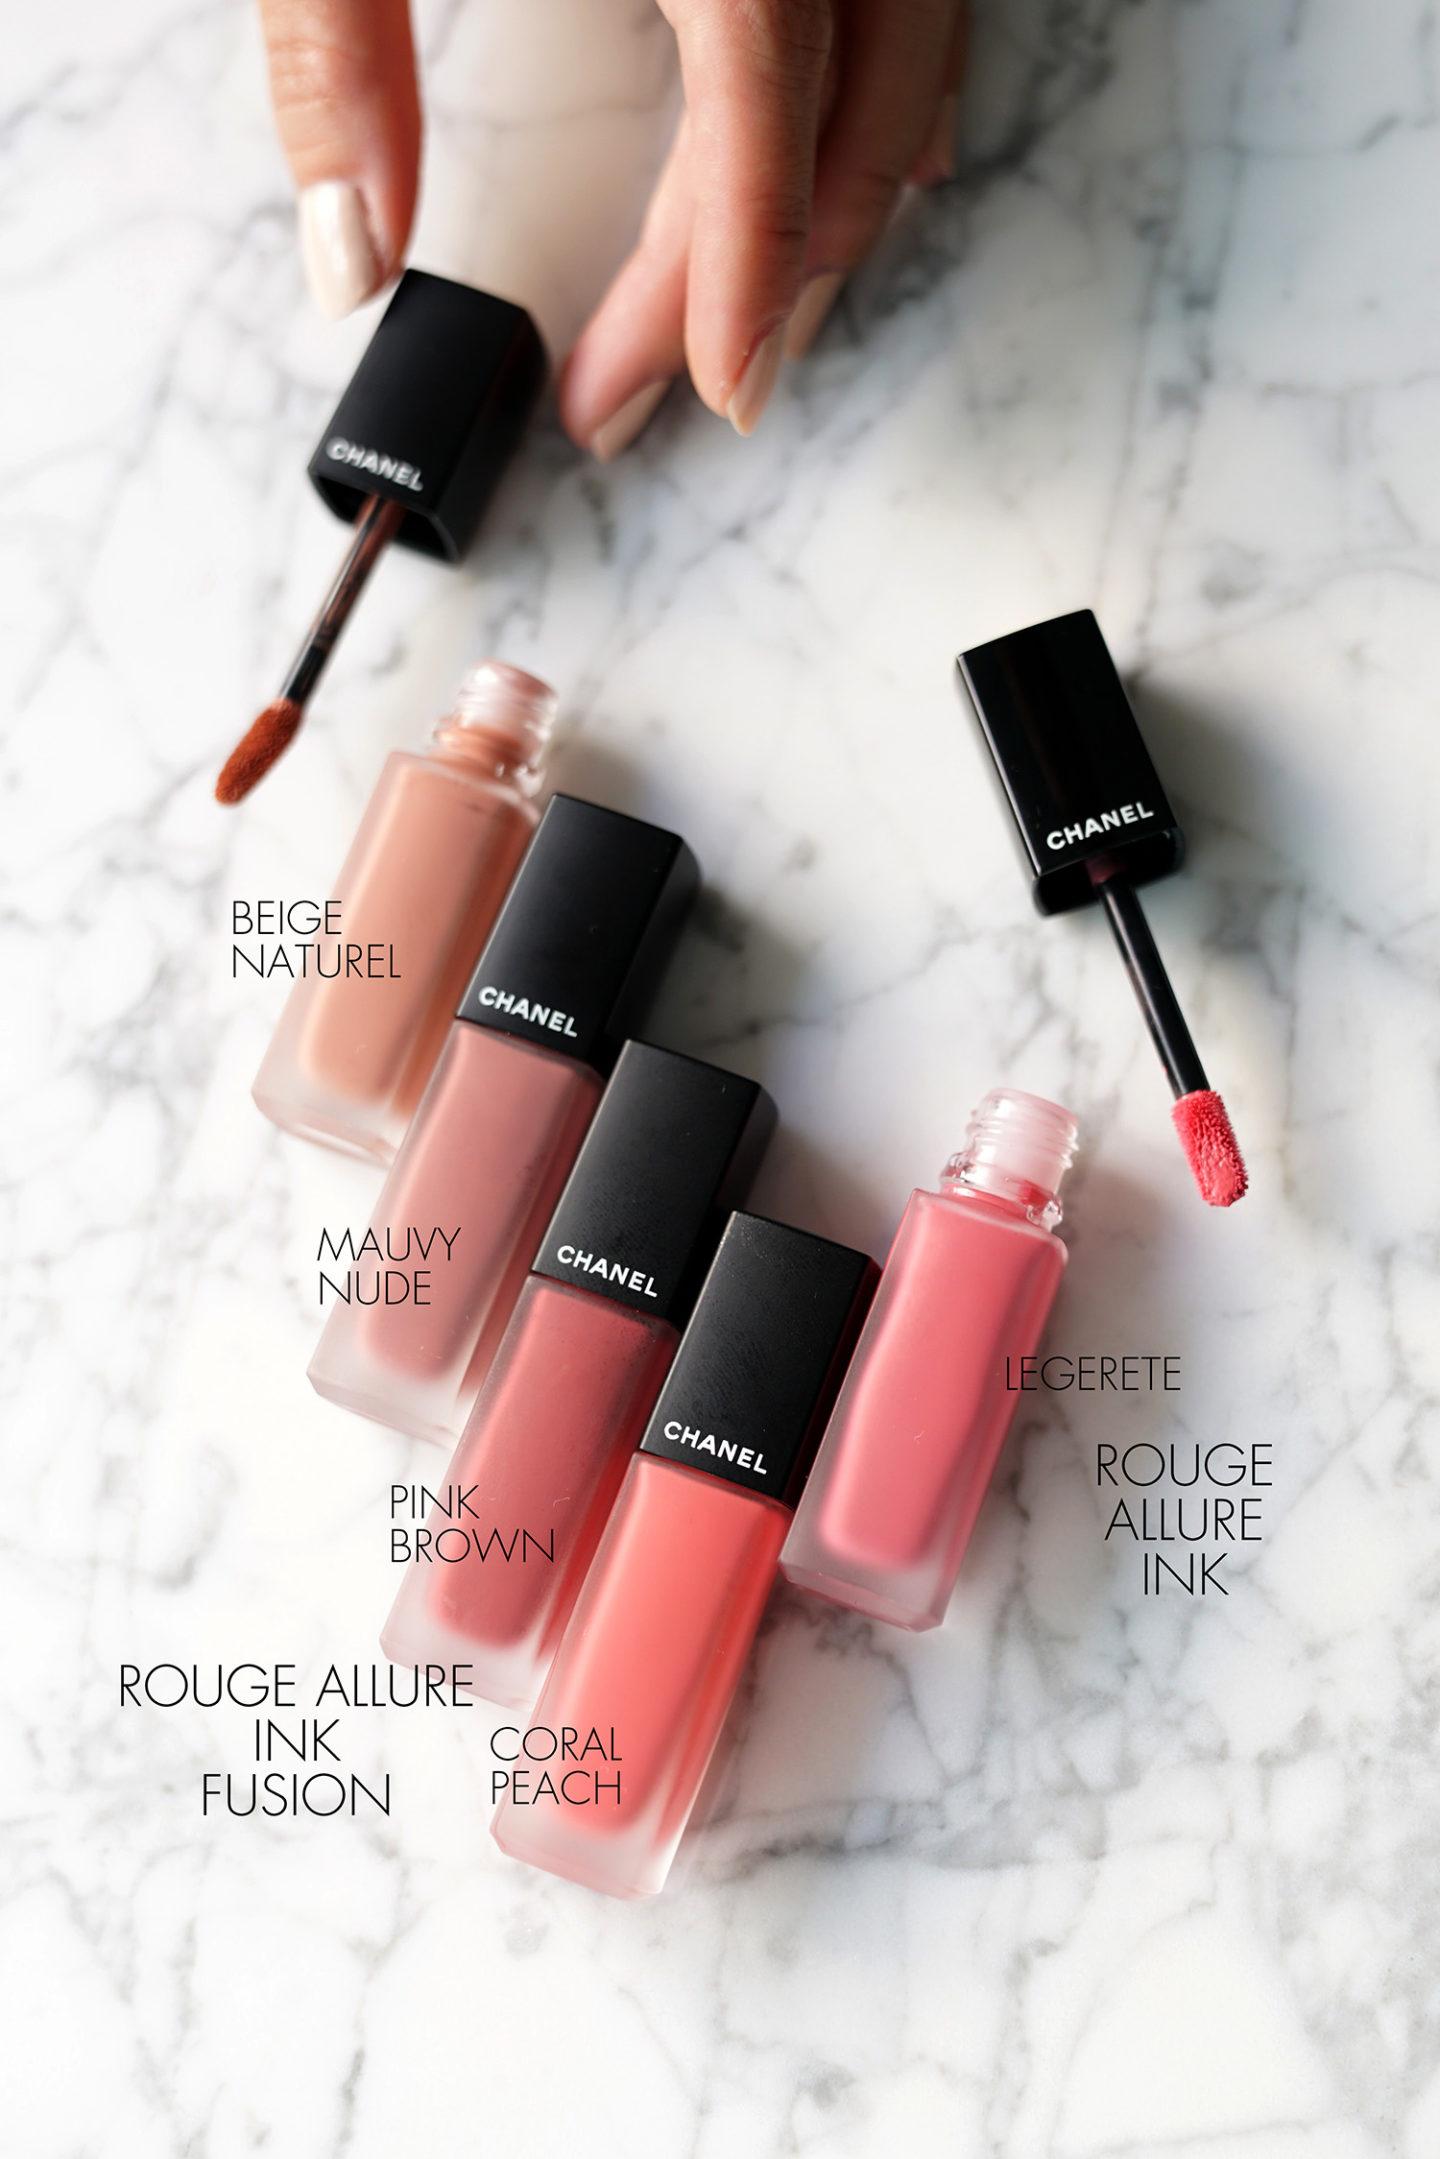 """Fusion d'encre Chanel Rouge """"width ="""" 1080 """"height ="""" 1619 """"srcset ="""" http://thebeautylookbook.com/wp-content/uploads/2019/10/Chanel-Rouge-Allure-Ink-haul-fusion-1440x2159 .jpg 1440w, http://thebeautylookbook.com/wp-content/uploads/2019/10/Chanel-Rouge-Allure-Ink-haul-fusion-800x1199.jpg 800w, http://thebeautylookbook.com/wp-content /uploads/2019/10/Chanel-Rouge-Allure-Ink-haul-fusion-67x100.jpg 67w, http://thebeautylookbook.com/wp-content/uploads/2019/10/Chanel-Rouge-Allure-Ink- transport-fusion-1080x1619.jpg 1080w, http://thebeautylookbook.com/wp-content/uploads/2019/10/Chanel-Rouge-Allure-Ink-haul-fusion.jpg 1500w """"tailles ="""" (largeur maximale: 1080px) 100vw, 1080px """"data-jpibfi-post-excerpt ="""" Lièvre à lèvres Chanel avec sélections dans les nouvelles couleurs Rouge Allure Ink Fusion, Rouge Allure Ink et Le Rouge Duo Ultra Tenue Gloss. Nuancier + examen. """"data-jpibfi-post-url ="""" http://thebeautylookbook.com/2019/10/chanel-rouge-allure-ink-fusion-rouge-allure-ink-le-rouge-duo-lip-haul.html """" data-jpibfi-post-title = """"Fusion de l'encre Allure Rouge Allure, Encre Allure Rouge + Duo Lip Haul Rouge"""" data-jpibfi-src = """"http://thebeautylookbook.com/wp-content/uploads/2019/10/ Chanel-Rouge-Allure-Ink-Haul-Fusion-1440x2159.jpg """"/></p> <p>Je n'ai jamais vraiment adoré les rouges à lèvres liquides ou la formule Chanel Rouge Allure Ink. J'ai trouvé que la formule originale avait fière allure dans des échantillons de main avec autant de couleurs magnifiques. Sur les lèvres, les couleurs ne sont pas bien apparentes et j'ai trouvé la finition trop fine / striée. J'étais prêt à faire des efforts supplémentaires pour que certaines des couleurs fonctionnent. Les couleurs plus profondes / audacieuses donnaient de meilleurs résultats, mais les neutres étaient trop simples pour moi. La nouvelle encre Rouge Allure Ink Fusion est BEAUCOUP meilleure en termes de rendement des couleurs et de pigment. Son emballage est similaire dans le tube mais l'applicateur est biseauté. La nouvelle co"""